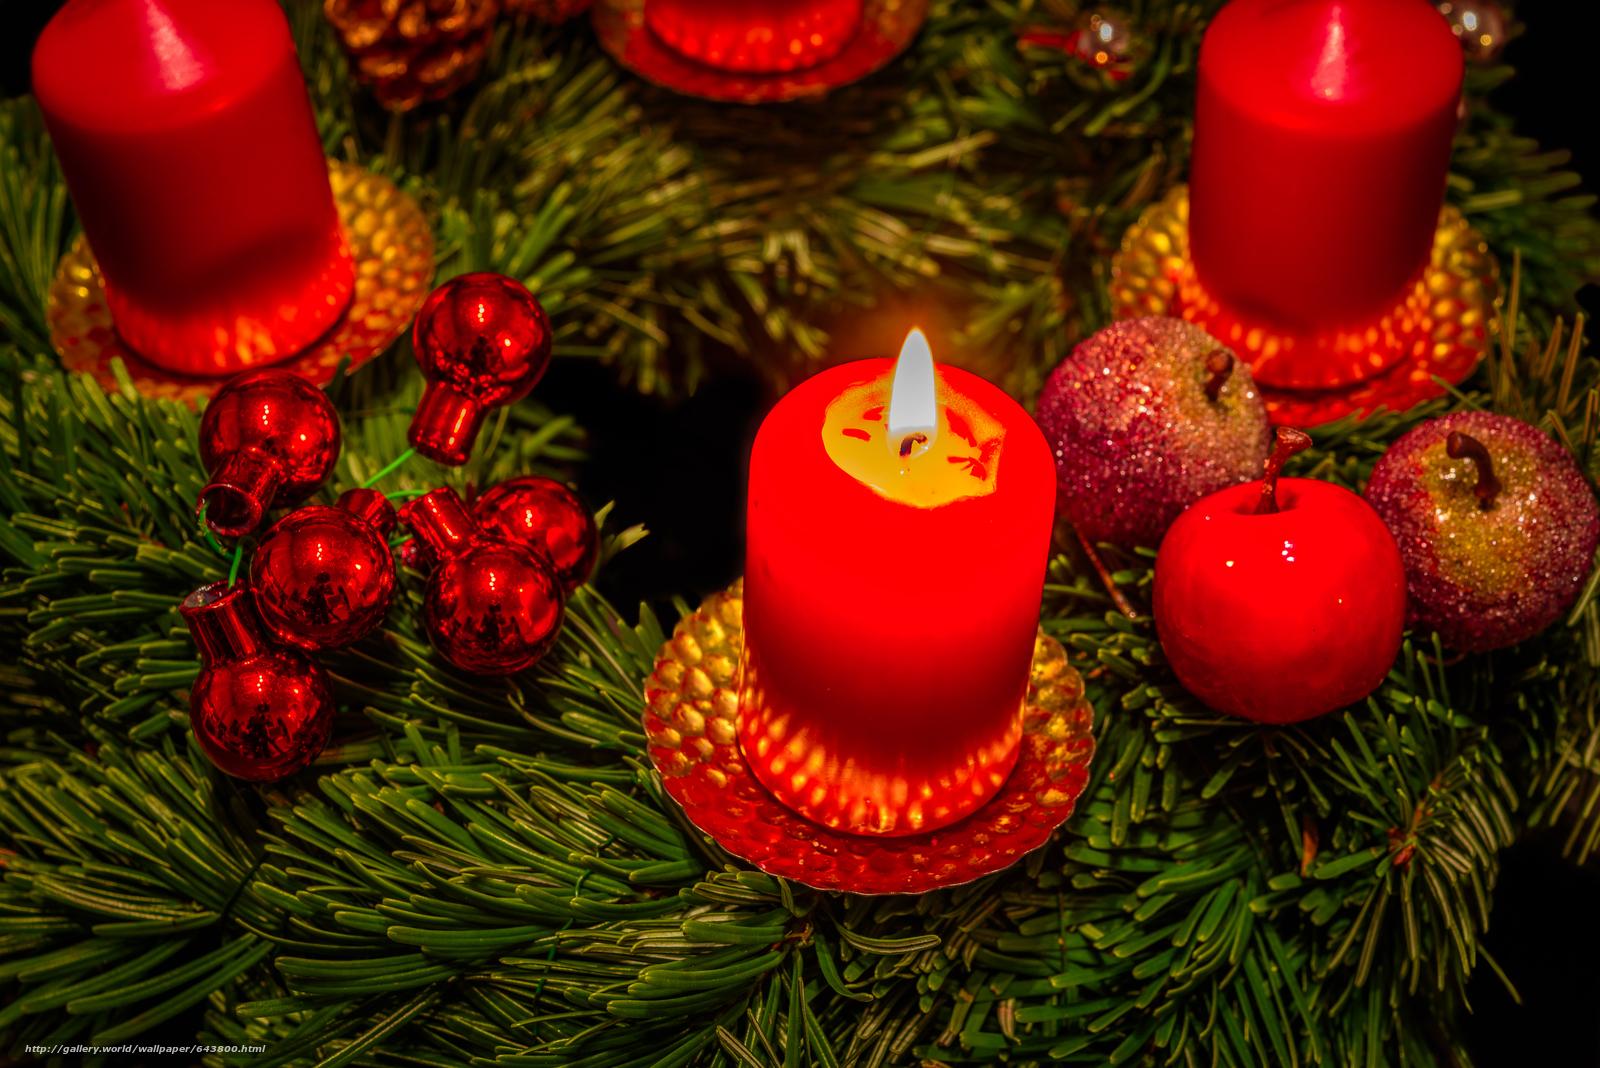 Скачать обои новый год,  рождество,  новогодние обои,  свечи бесплатно для рабочего стола в разрешении 6016x4016 — картинка №643800